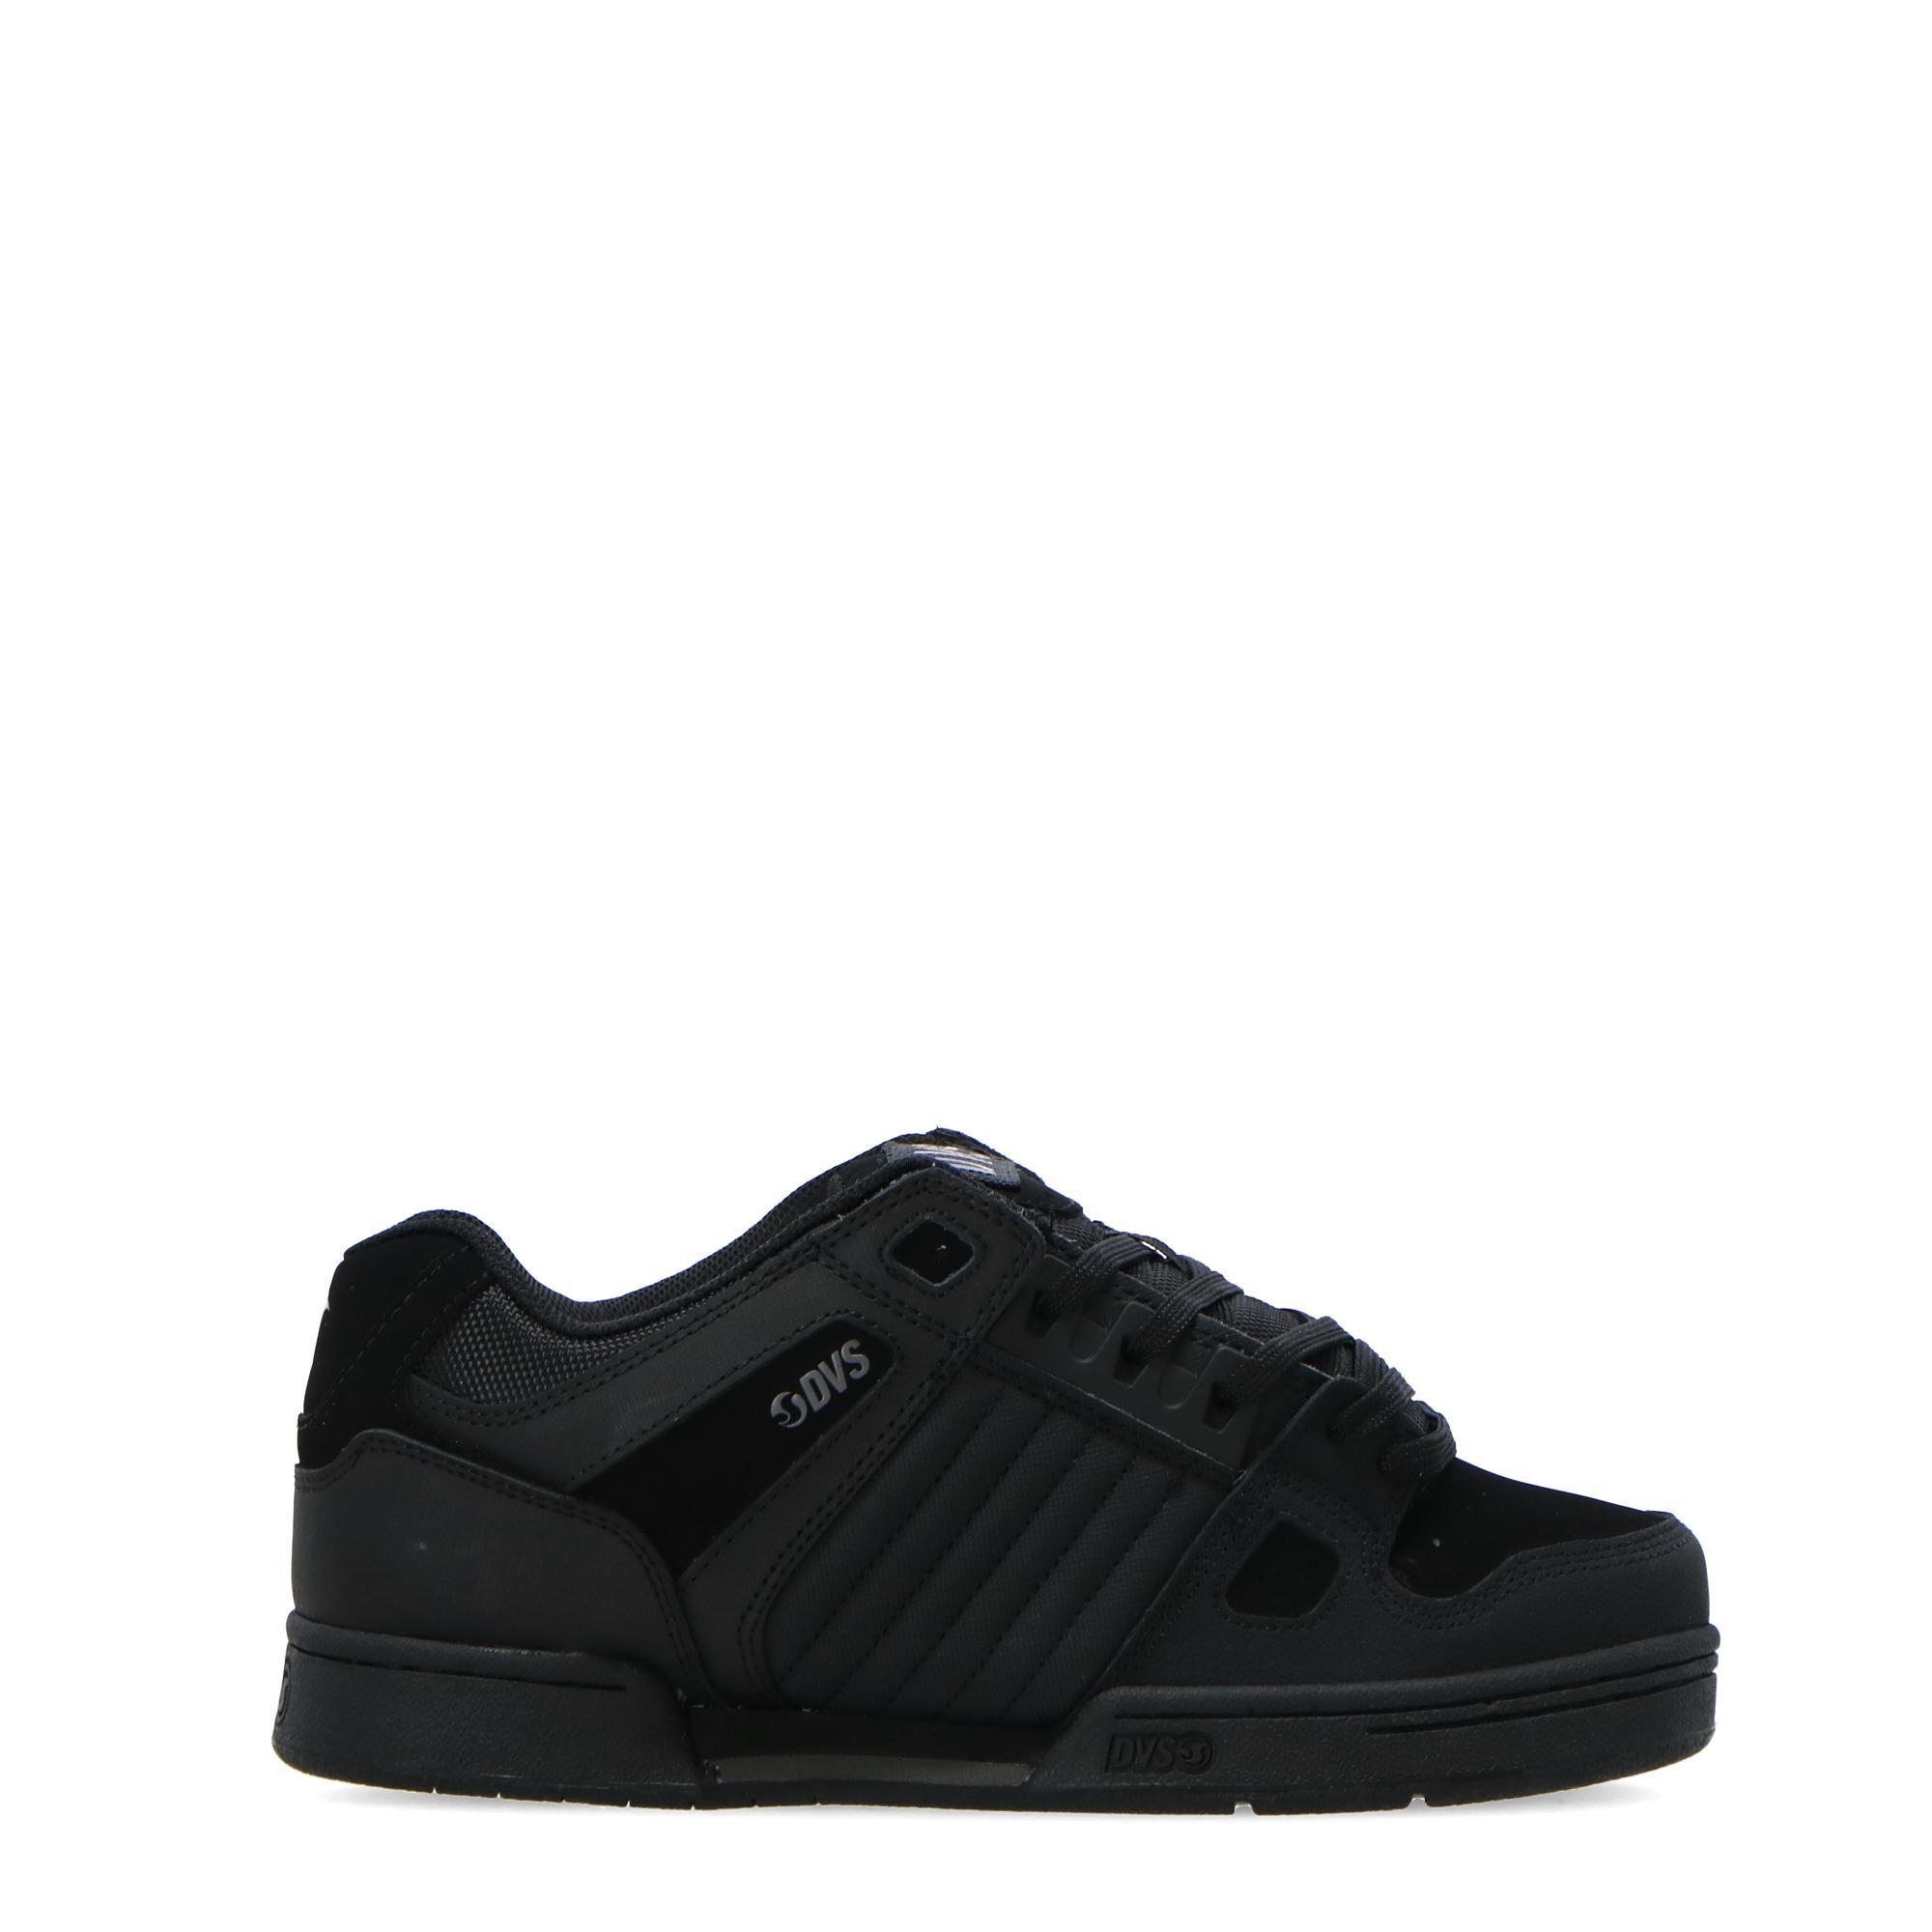 Dvs Celsius Black black leather